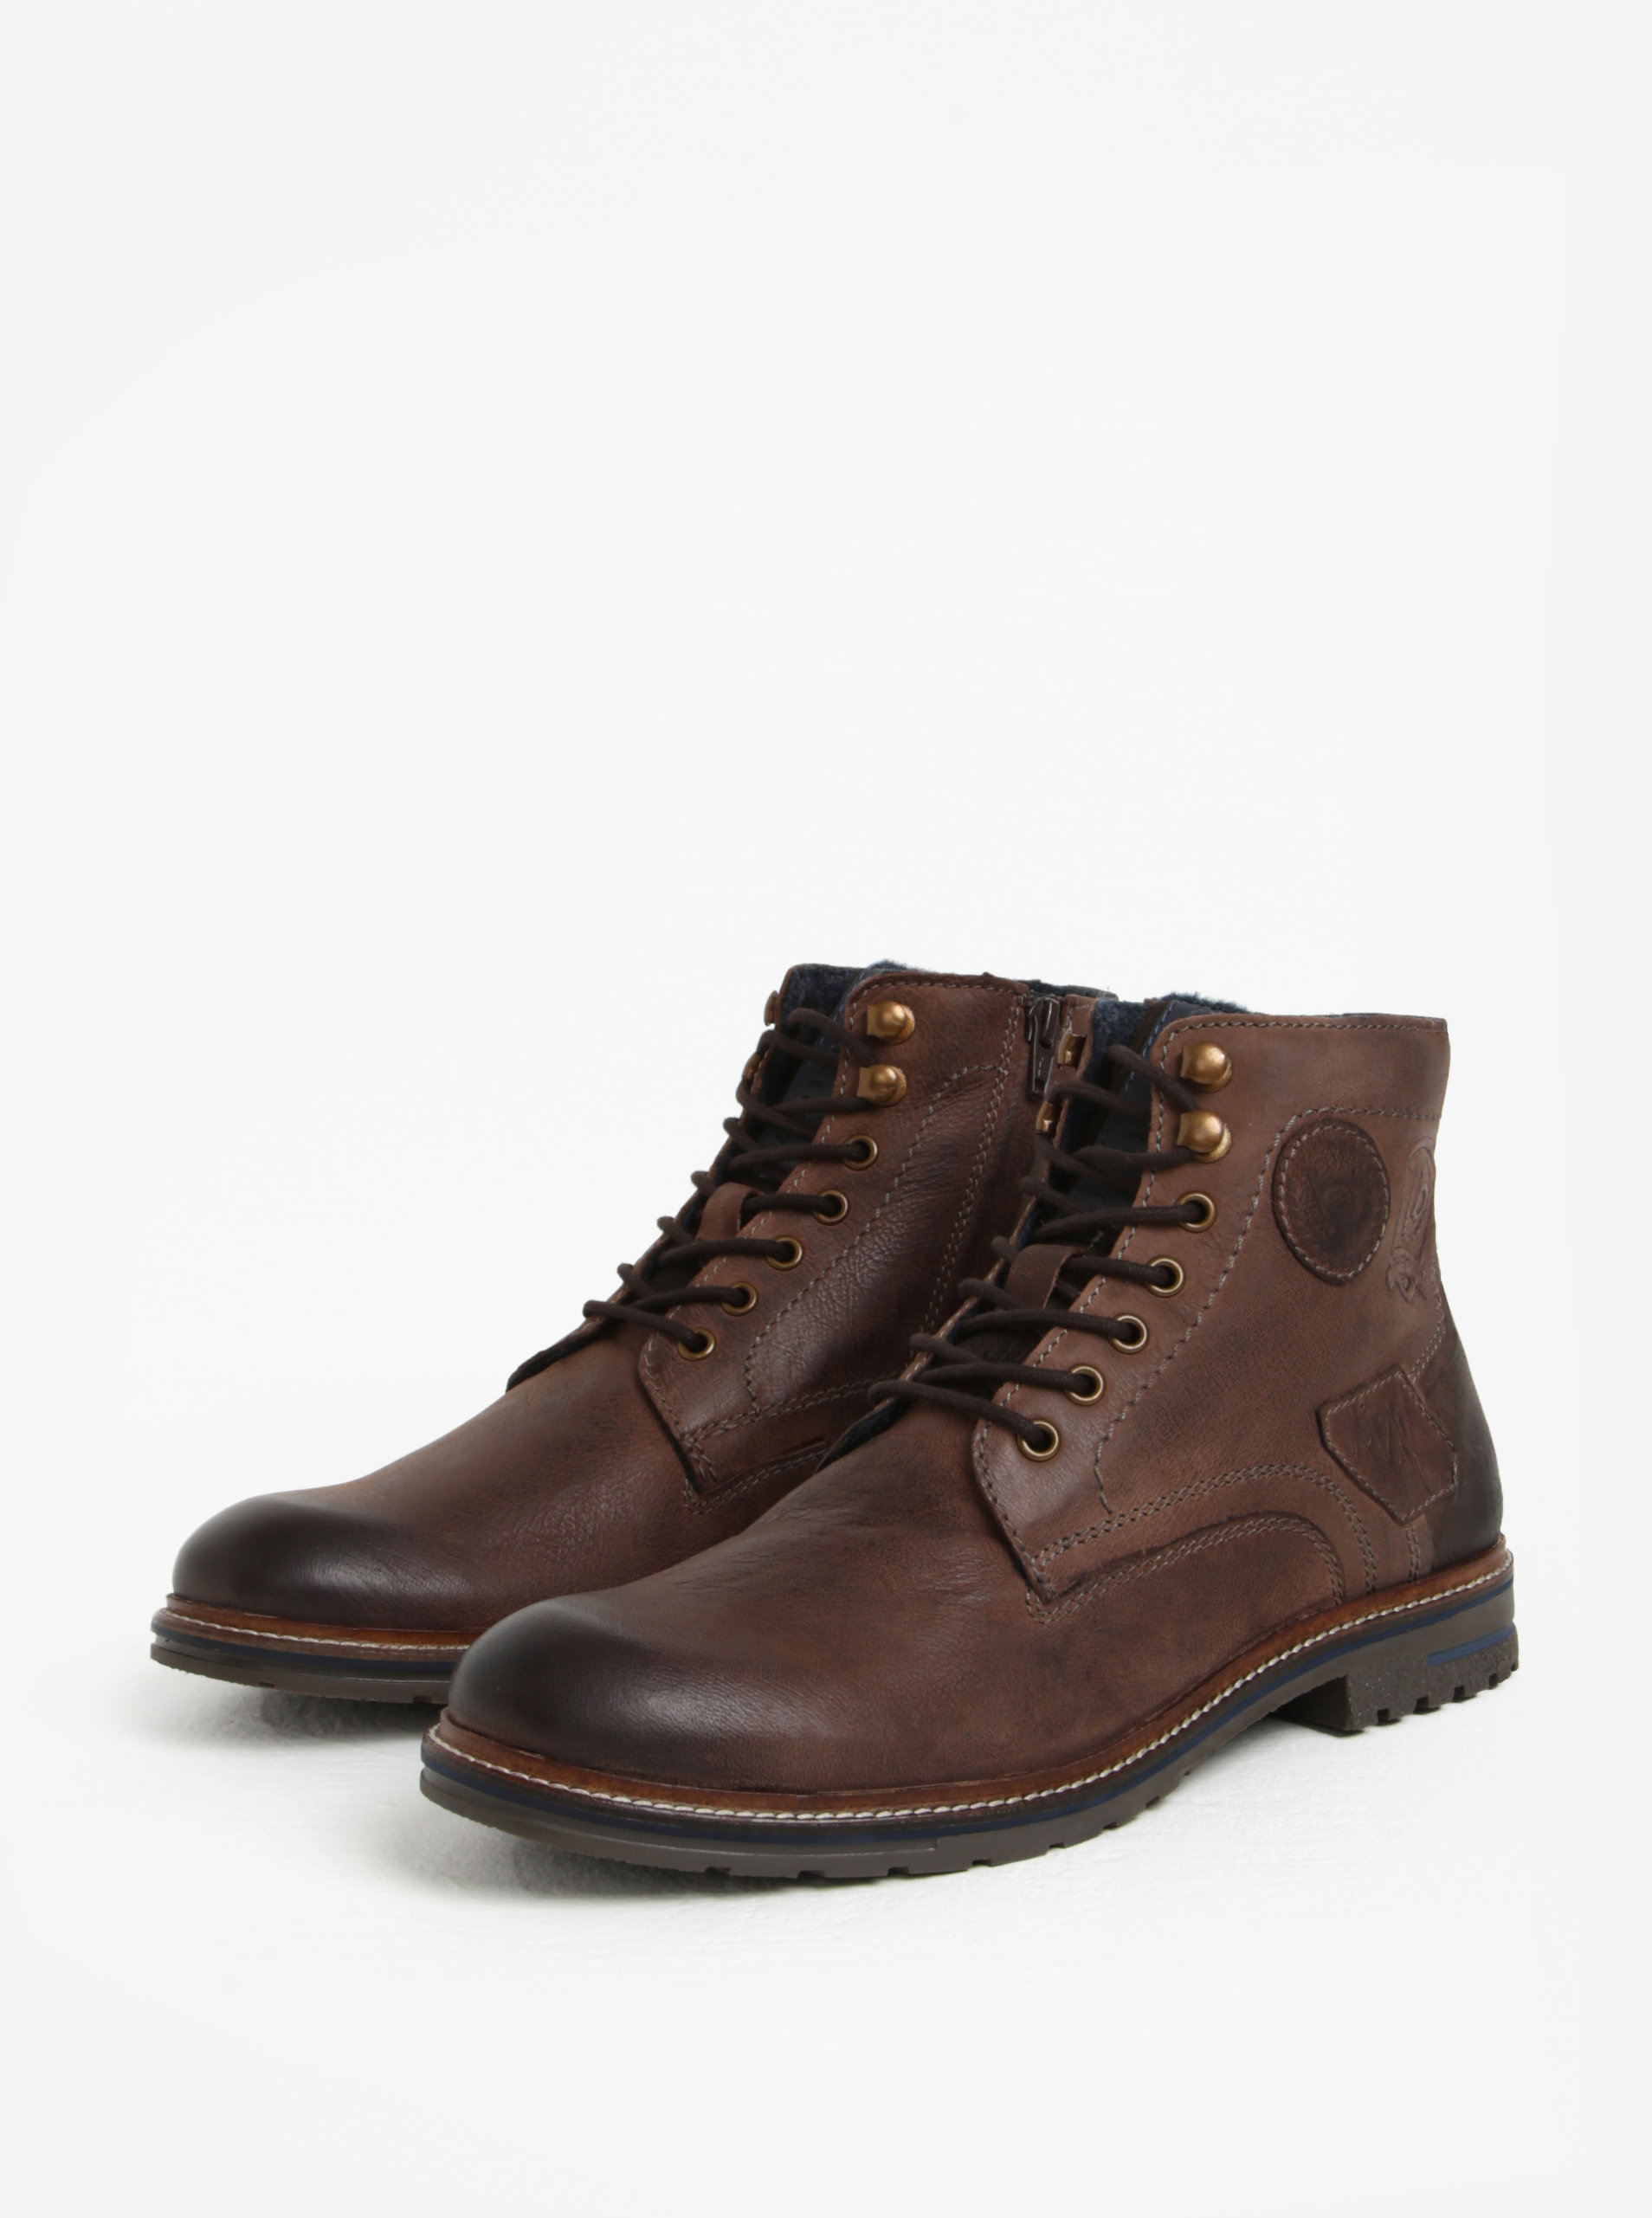 Tmavohnedé pánske kožené členkové zimné topánky bugatti Ringo ... c3ef7cdeac